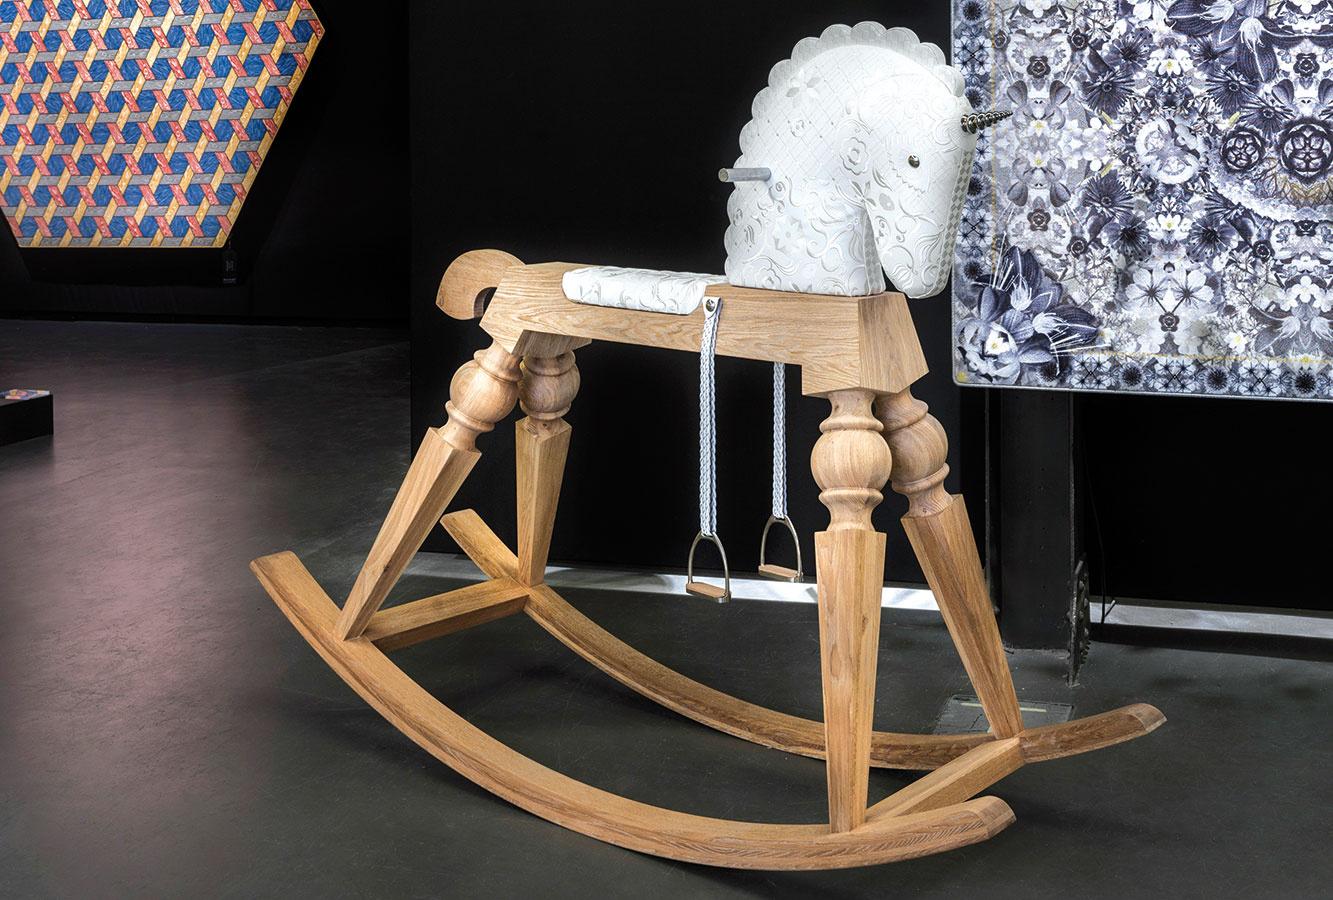 Nasadnúť na jednorožca a splniť si detský sen mohol na výstave už spomínanej značky Moooi každý návštevník. Hojdacieho koníka Ariona navrhol pre dospelých v limitovanej edícii Marcel Wanders.